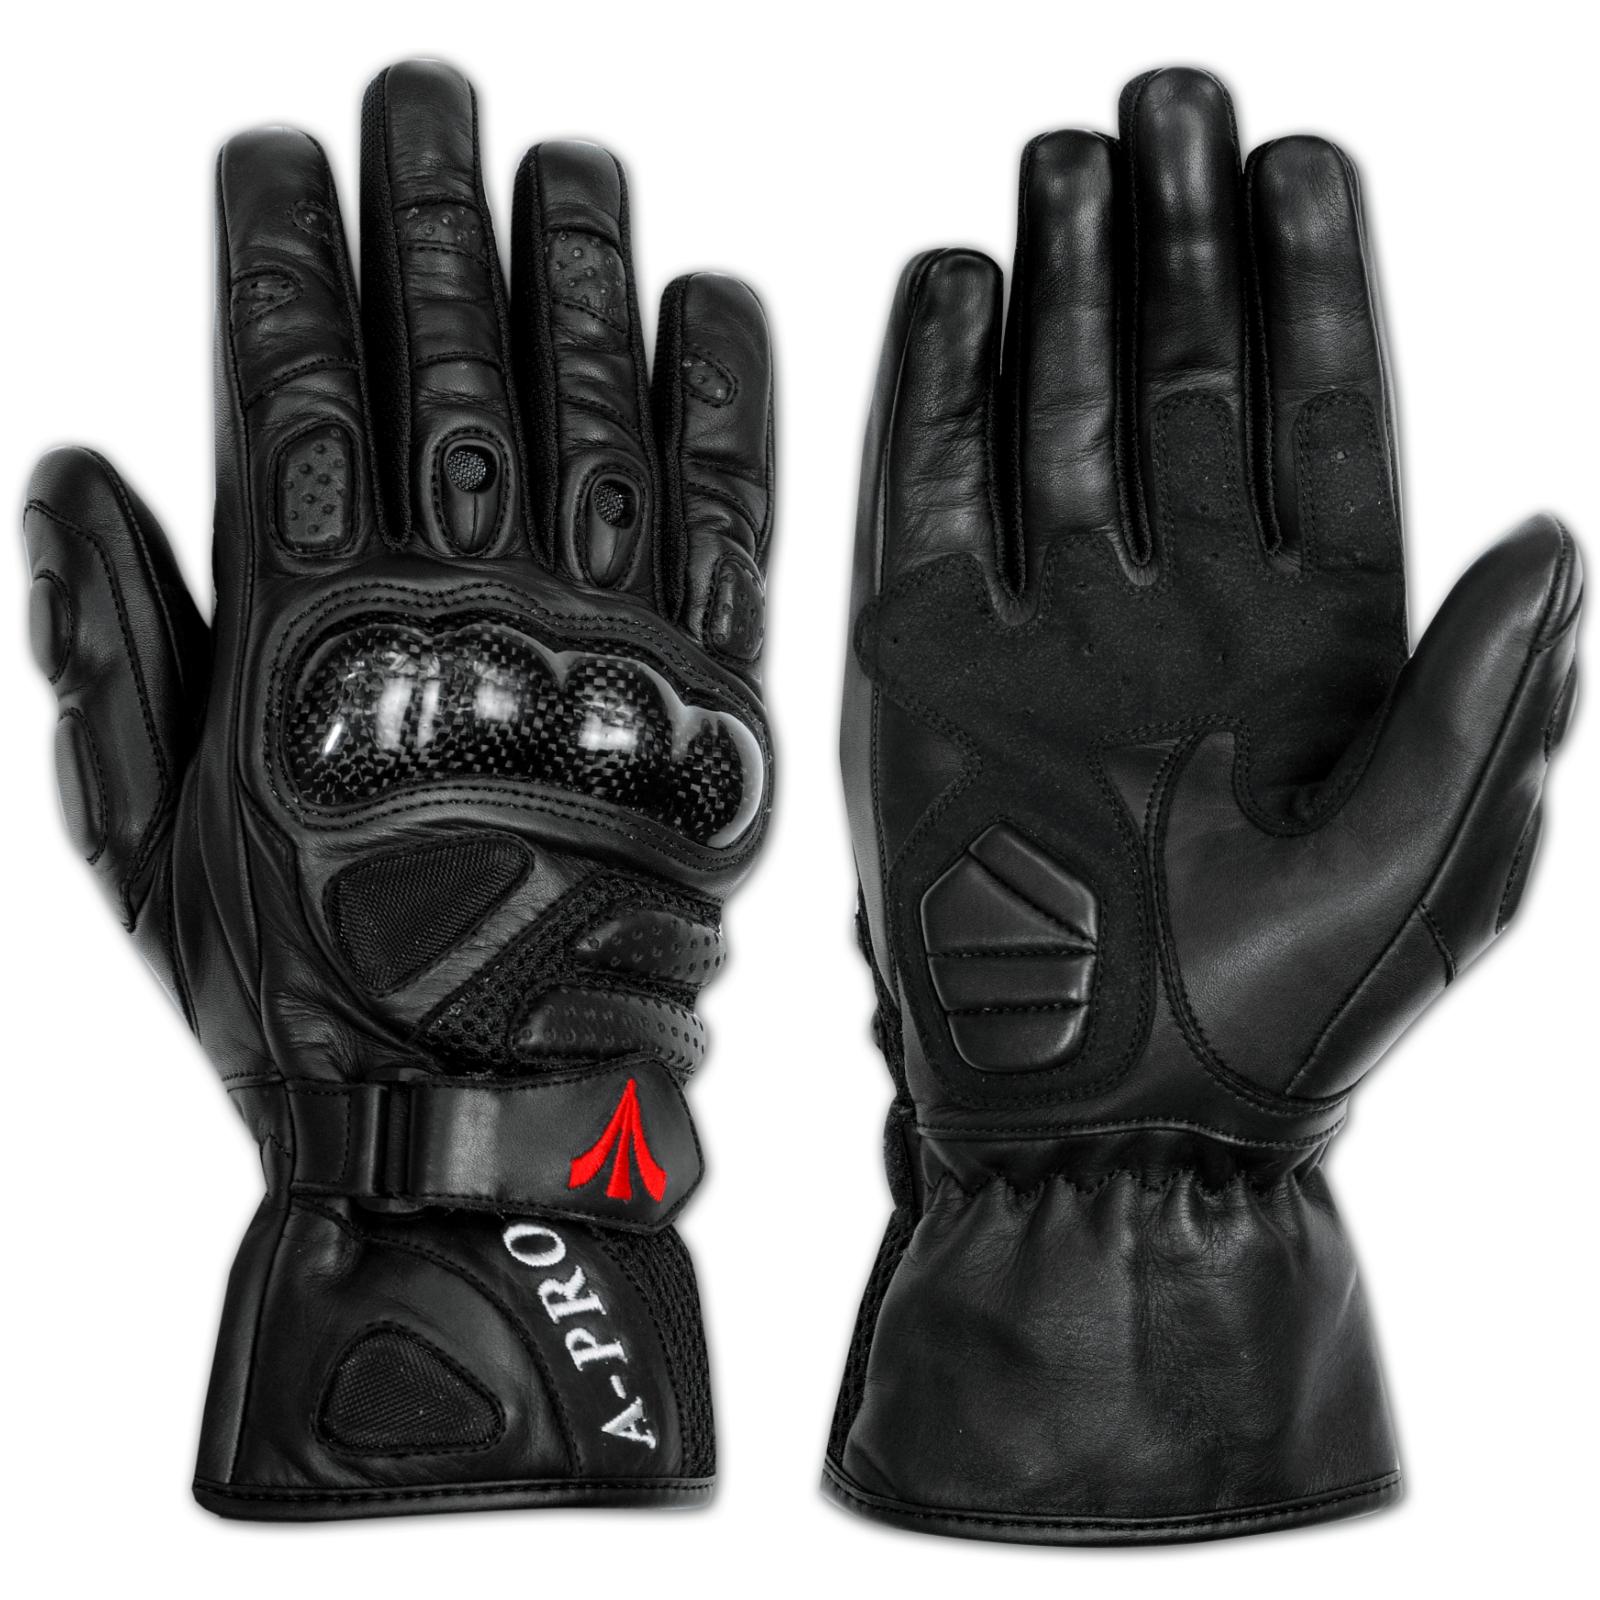 Guanto-Pelle-Moto-Protezioni-Carbonio-Prese-Aria-Imbottito-Traspirante-A-Pro